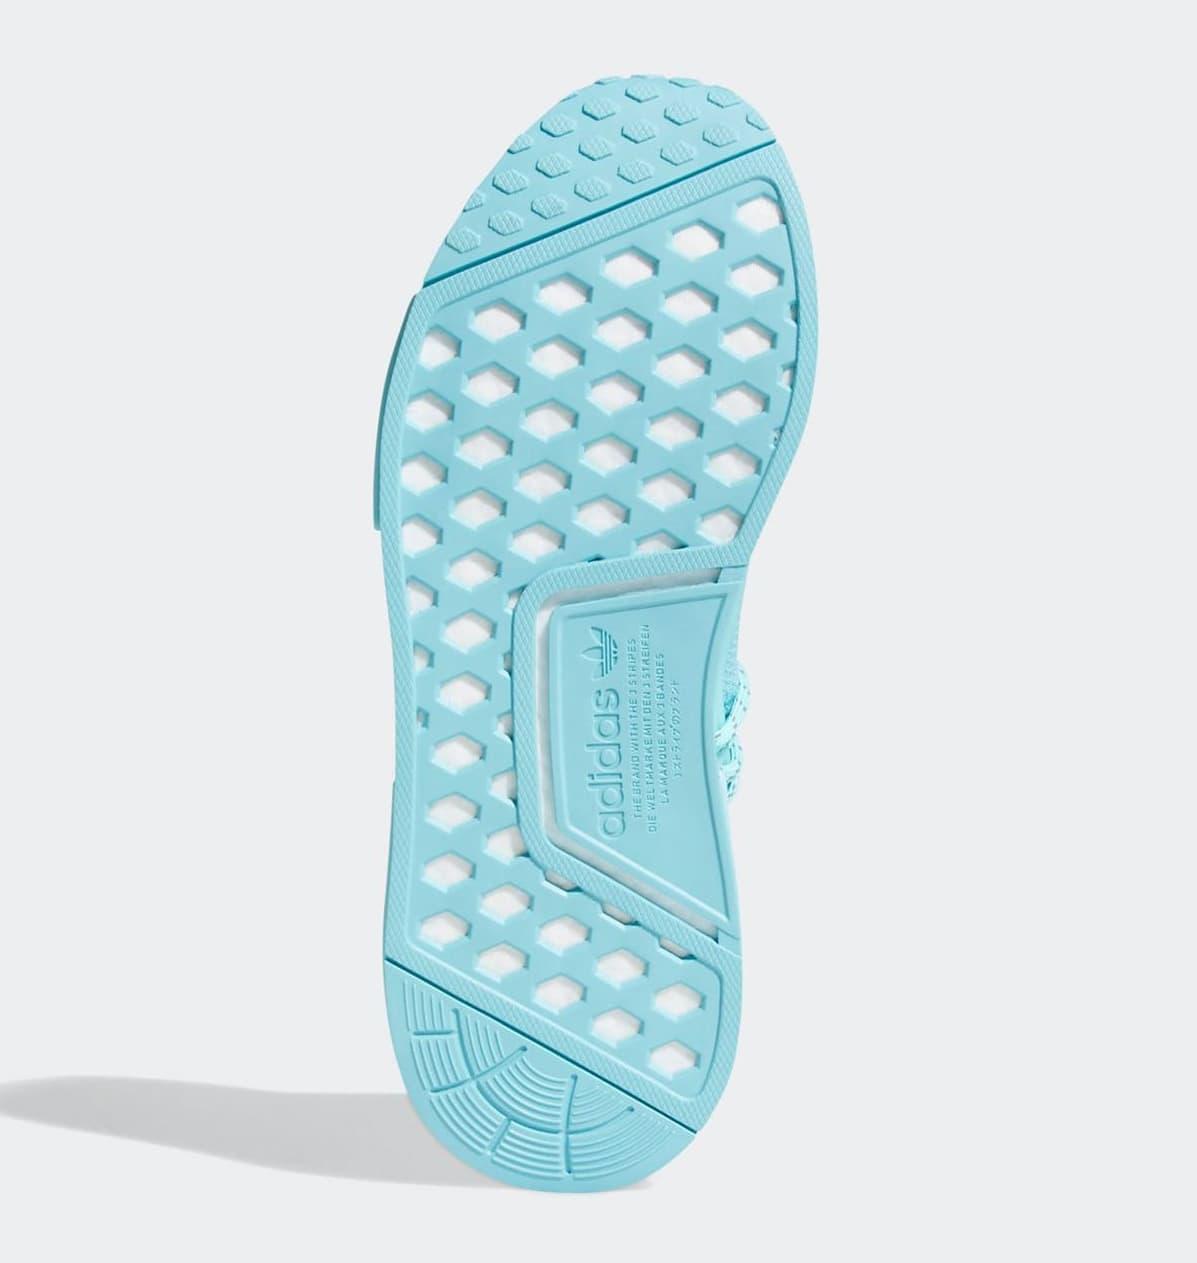 Pharrell Adidas NMD Hu 'Aqua' GY0094 Outsole